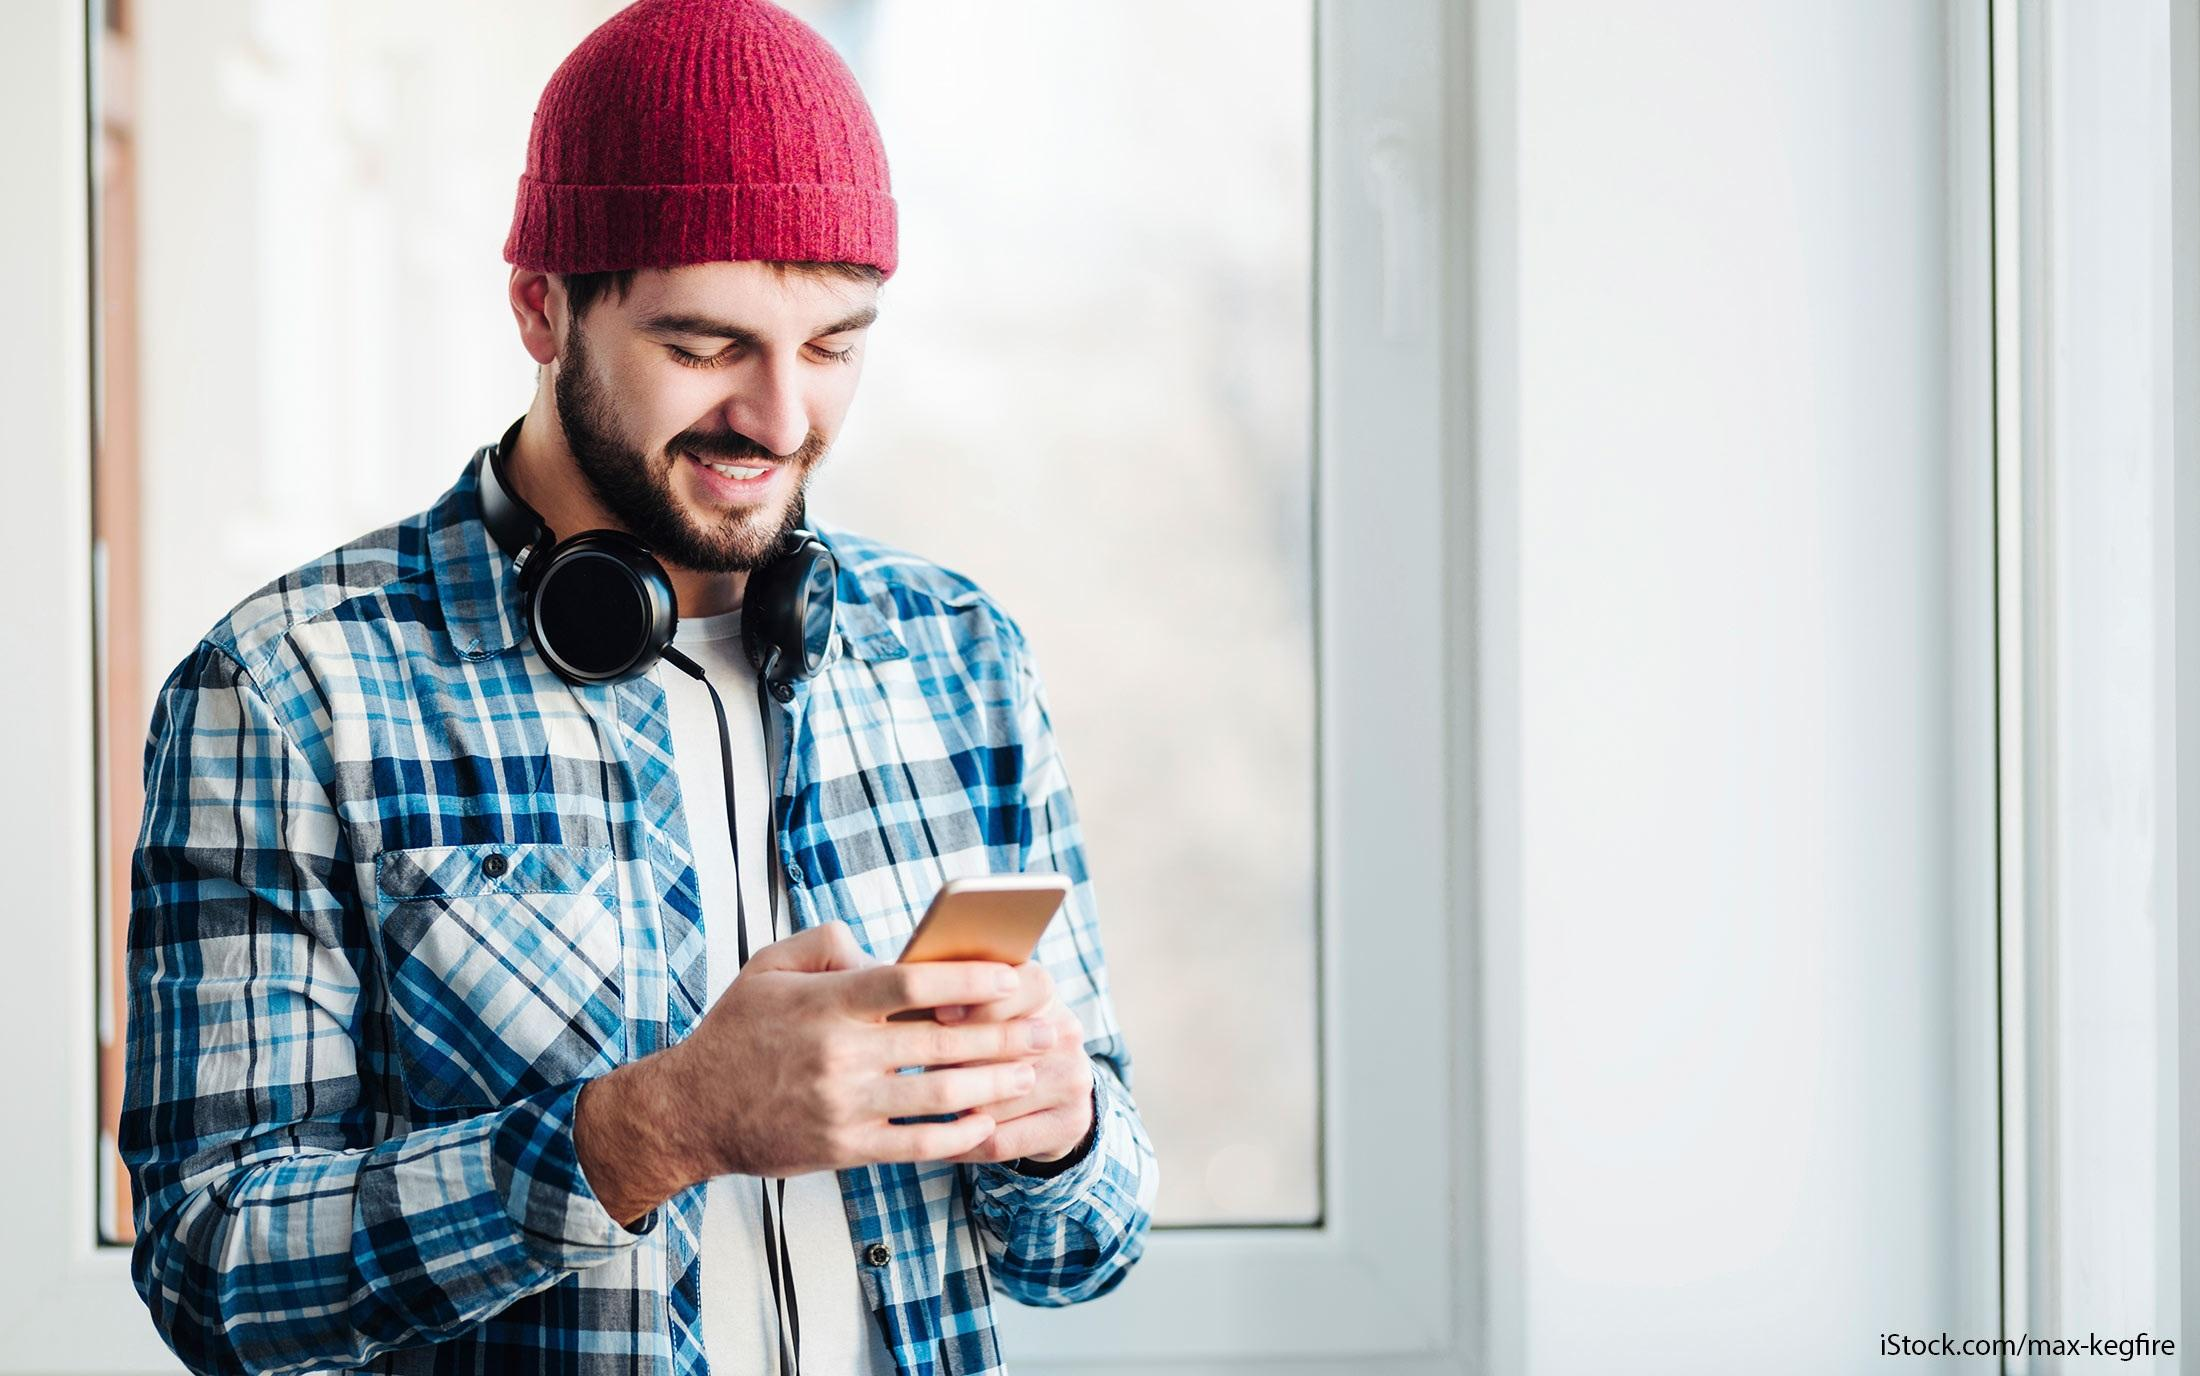 transunion mobile app review